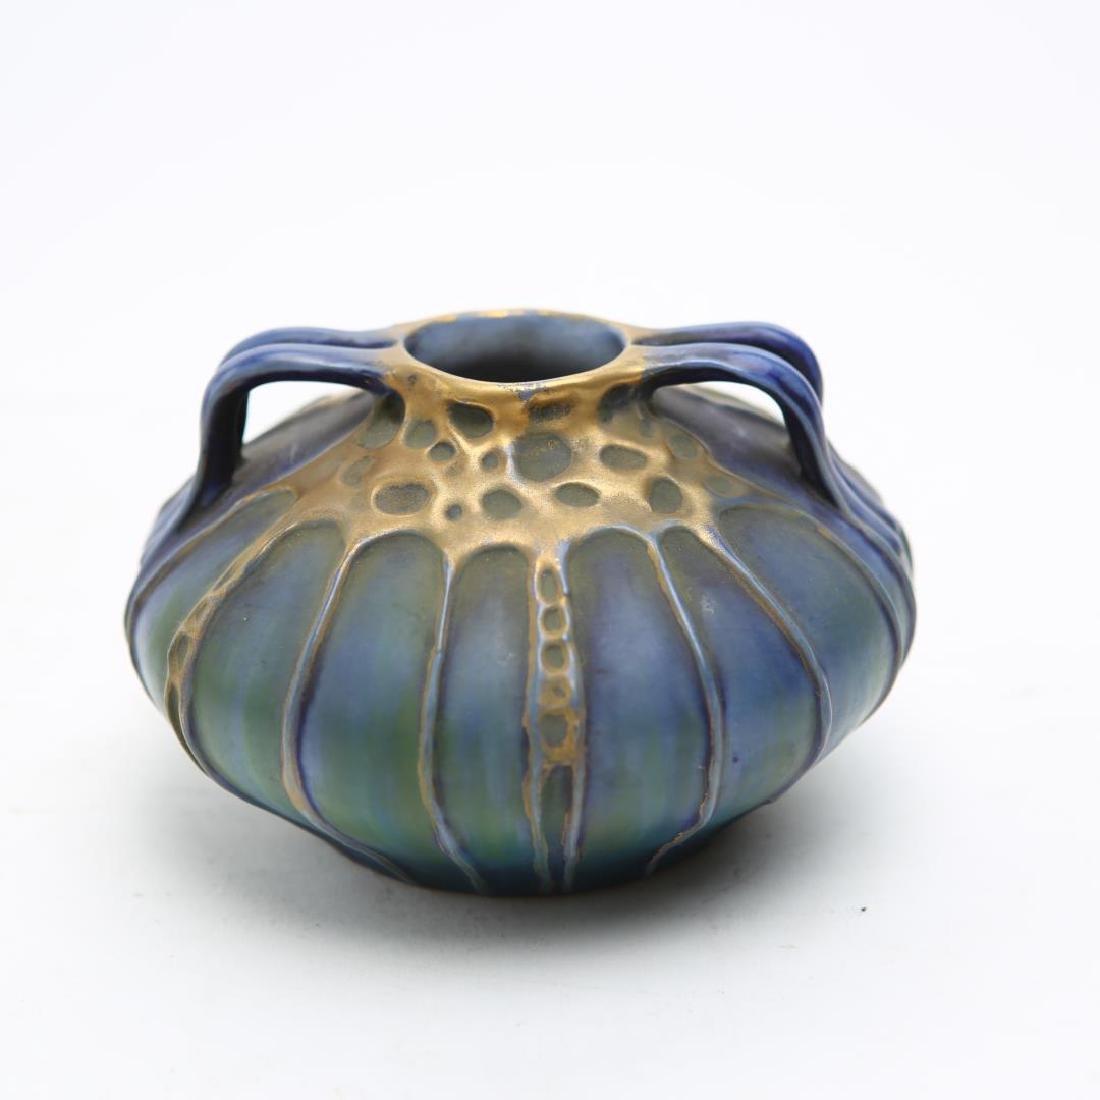 Amphora Vase, Austrian Antique Art Nouveau Ceramic